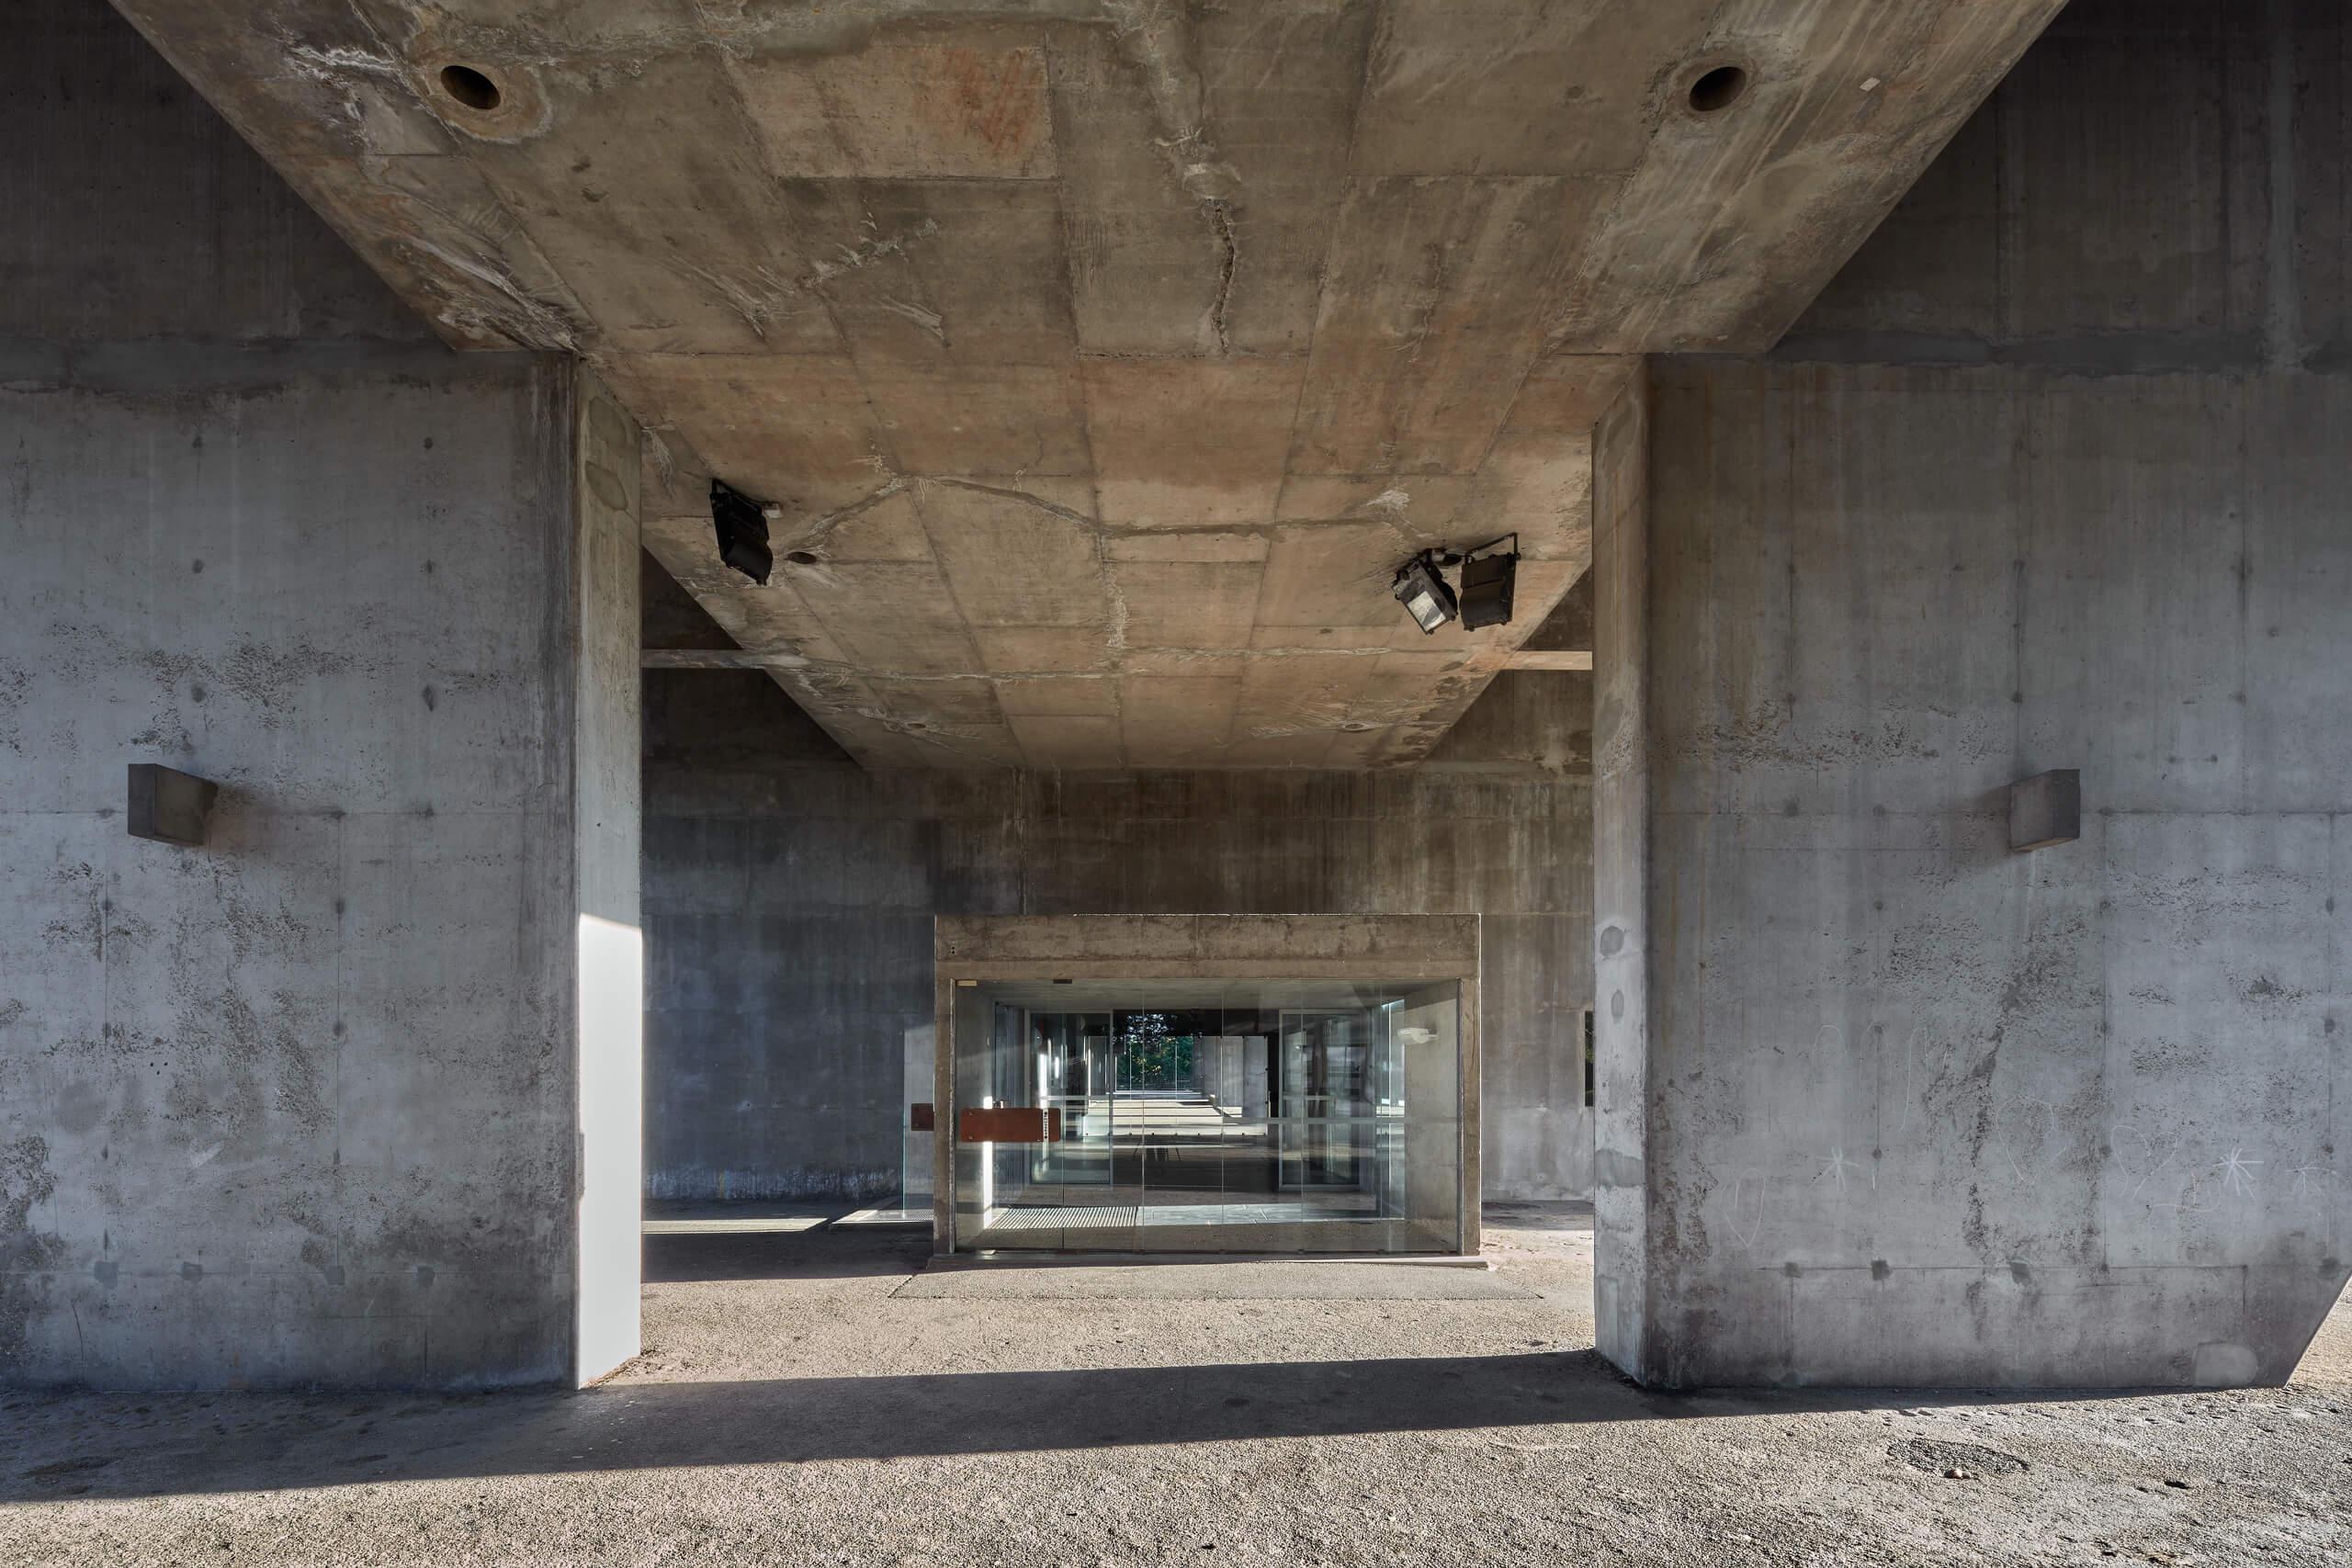 Federico_Covre_Unité_Firminy_Le_Corbusier_2018_14